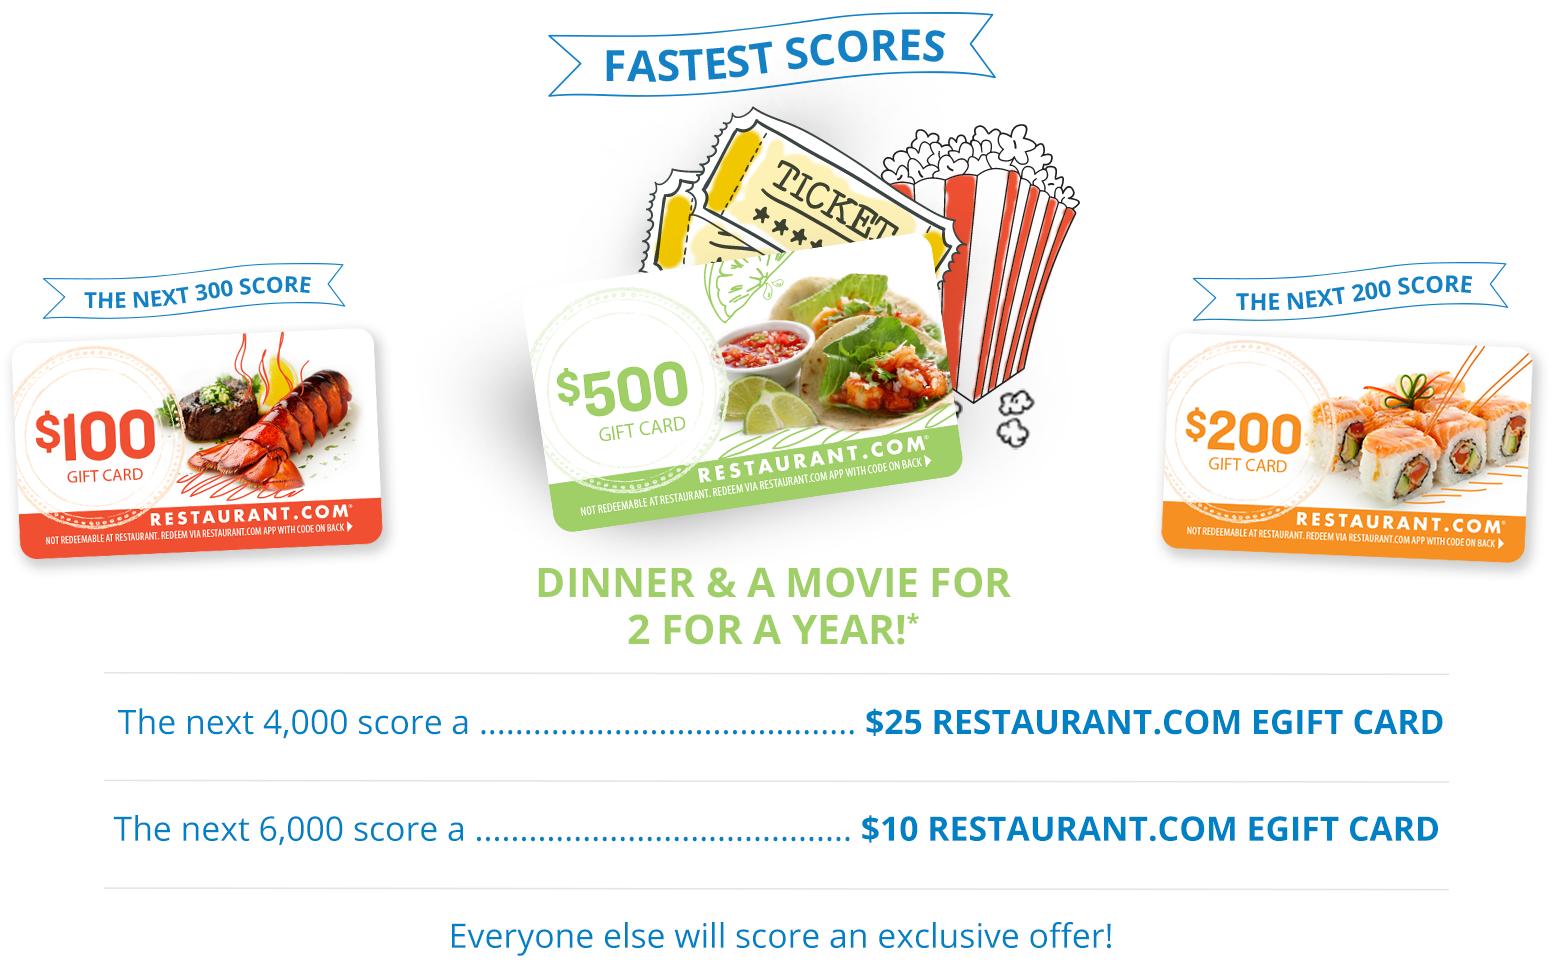 FREE Restaurant.com Gift Card.